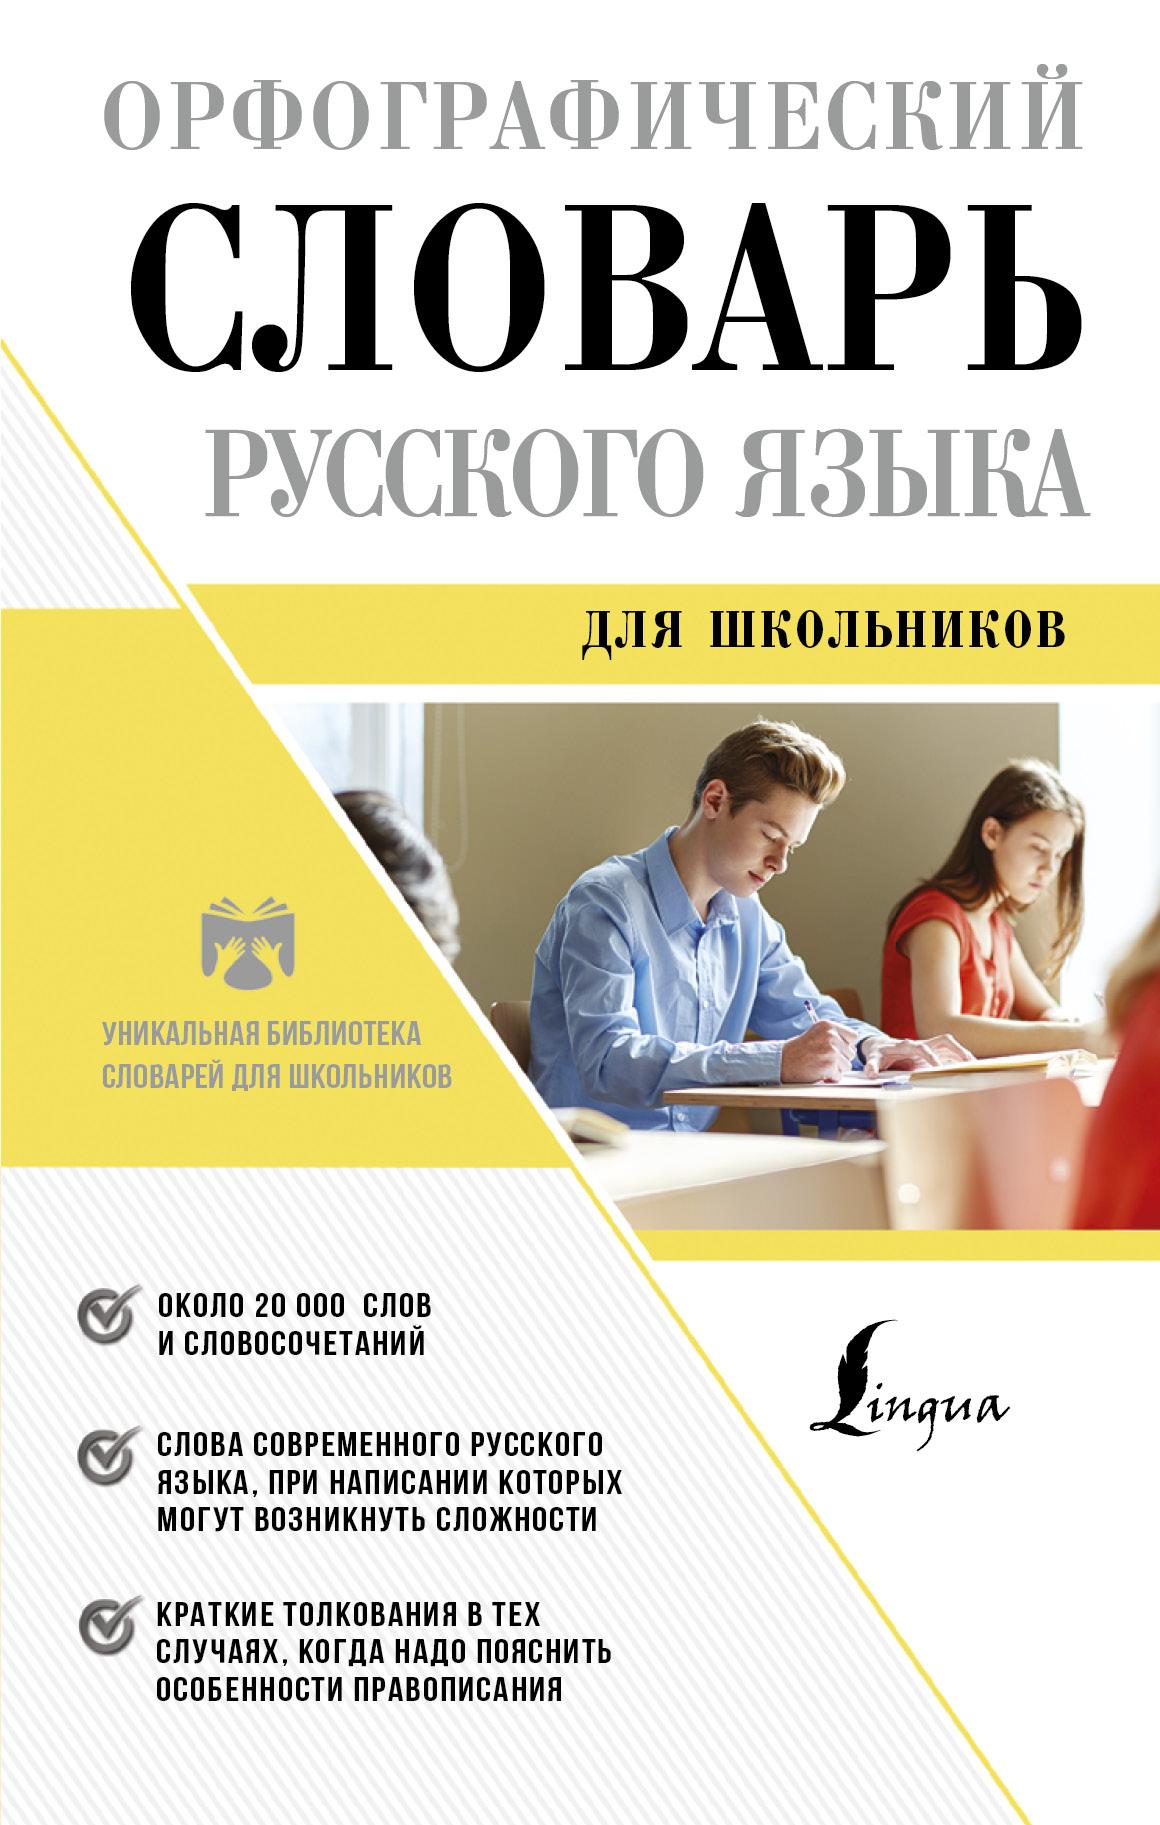 «Орфографический словарь русского языка для школьников»